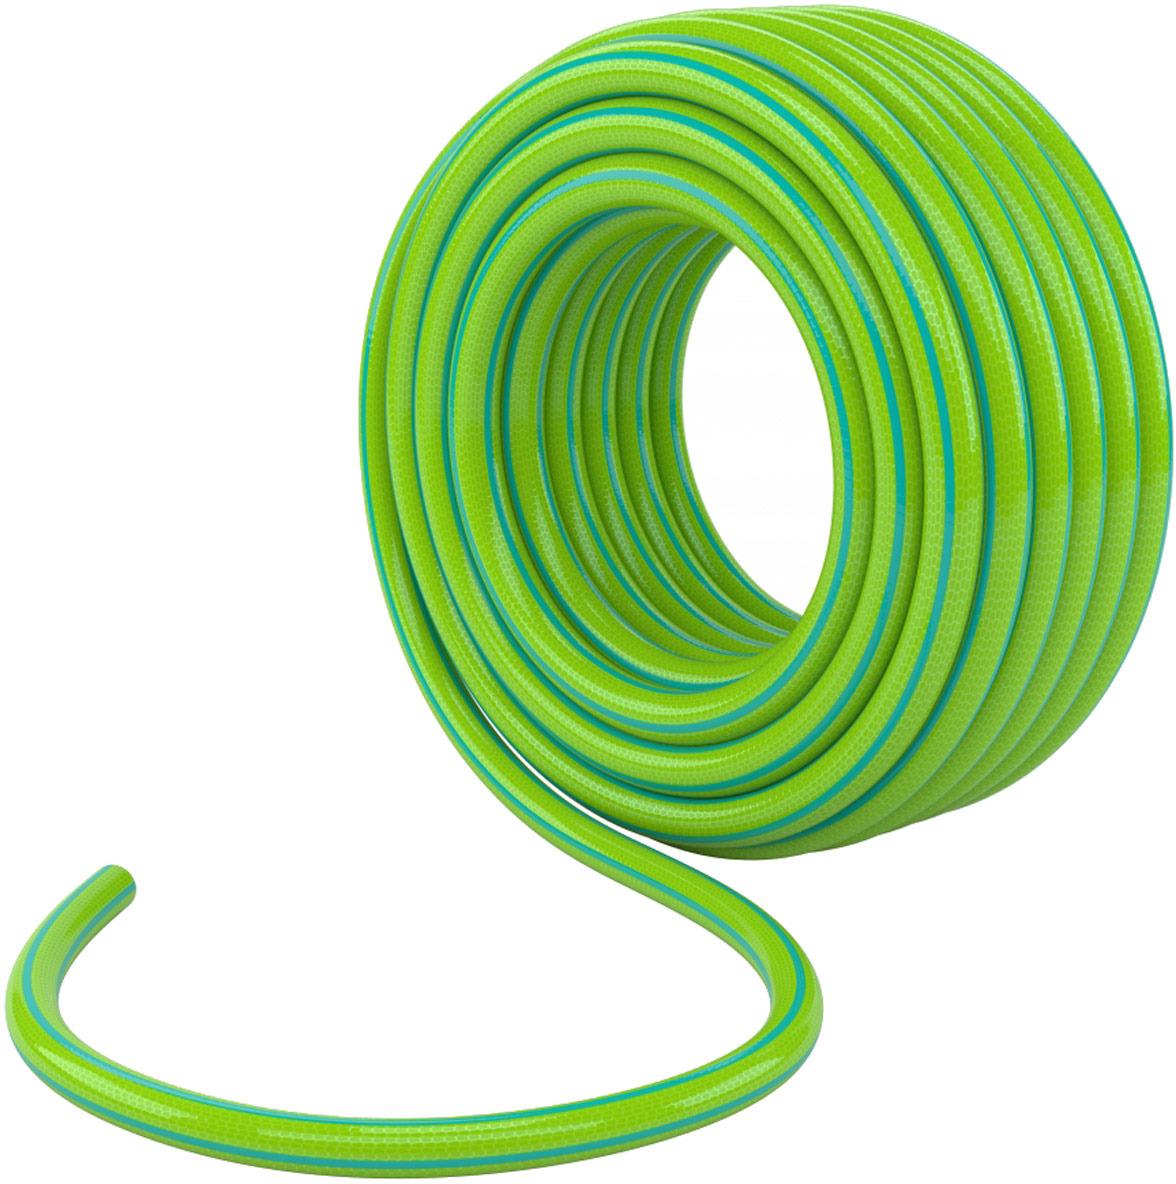 Шланг поливочный Palisad, цвет: зеленый, длина 15 м. 67641 ножницы palisad 60573